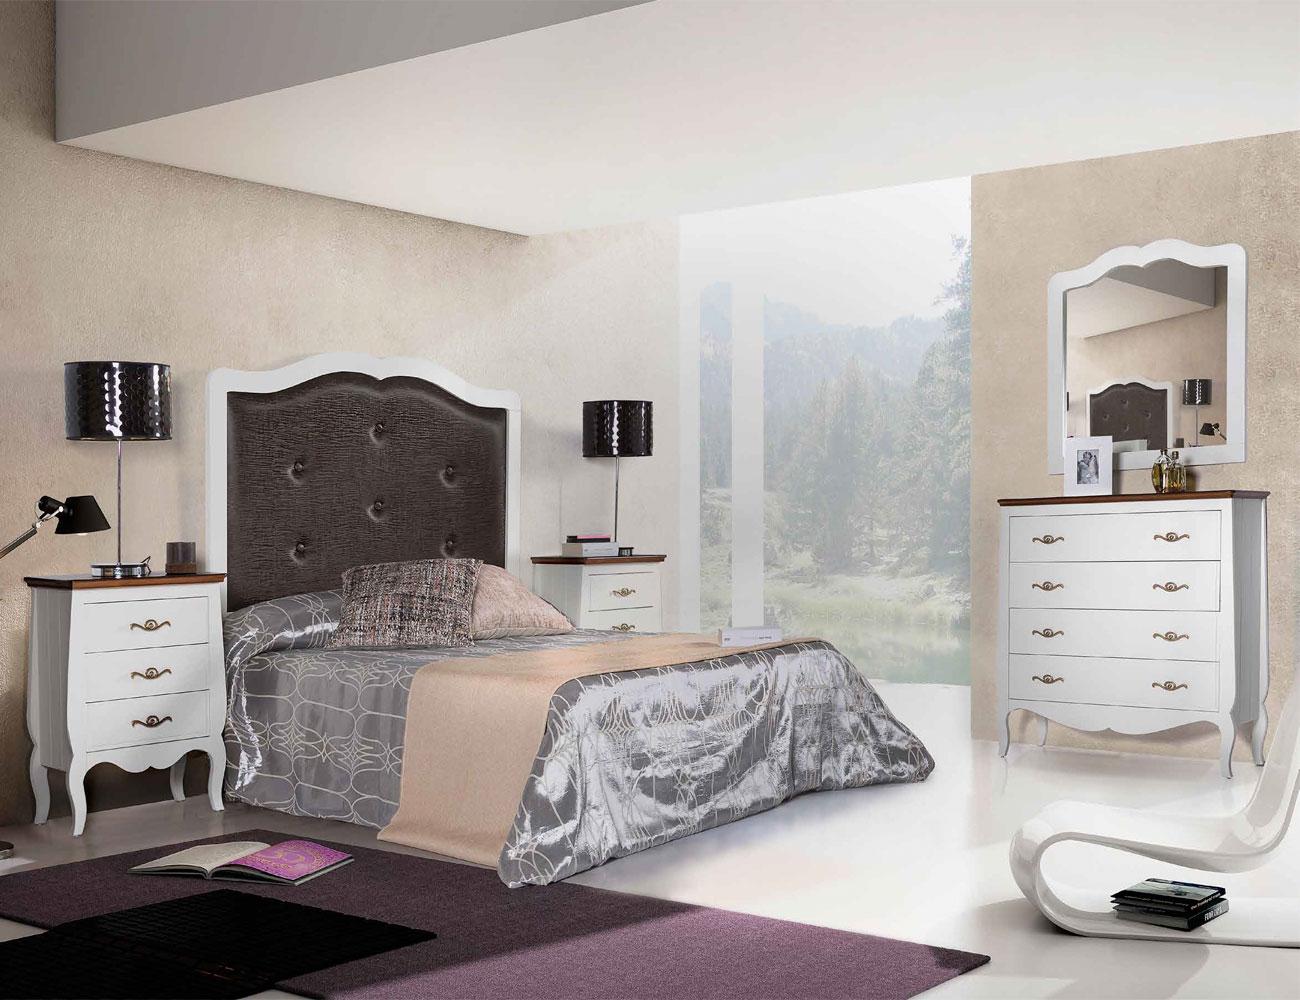 Composicion06 dormitorio matrimonio cabecero tapizado comoda